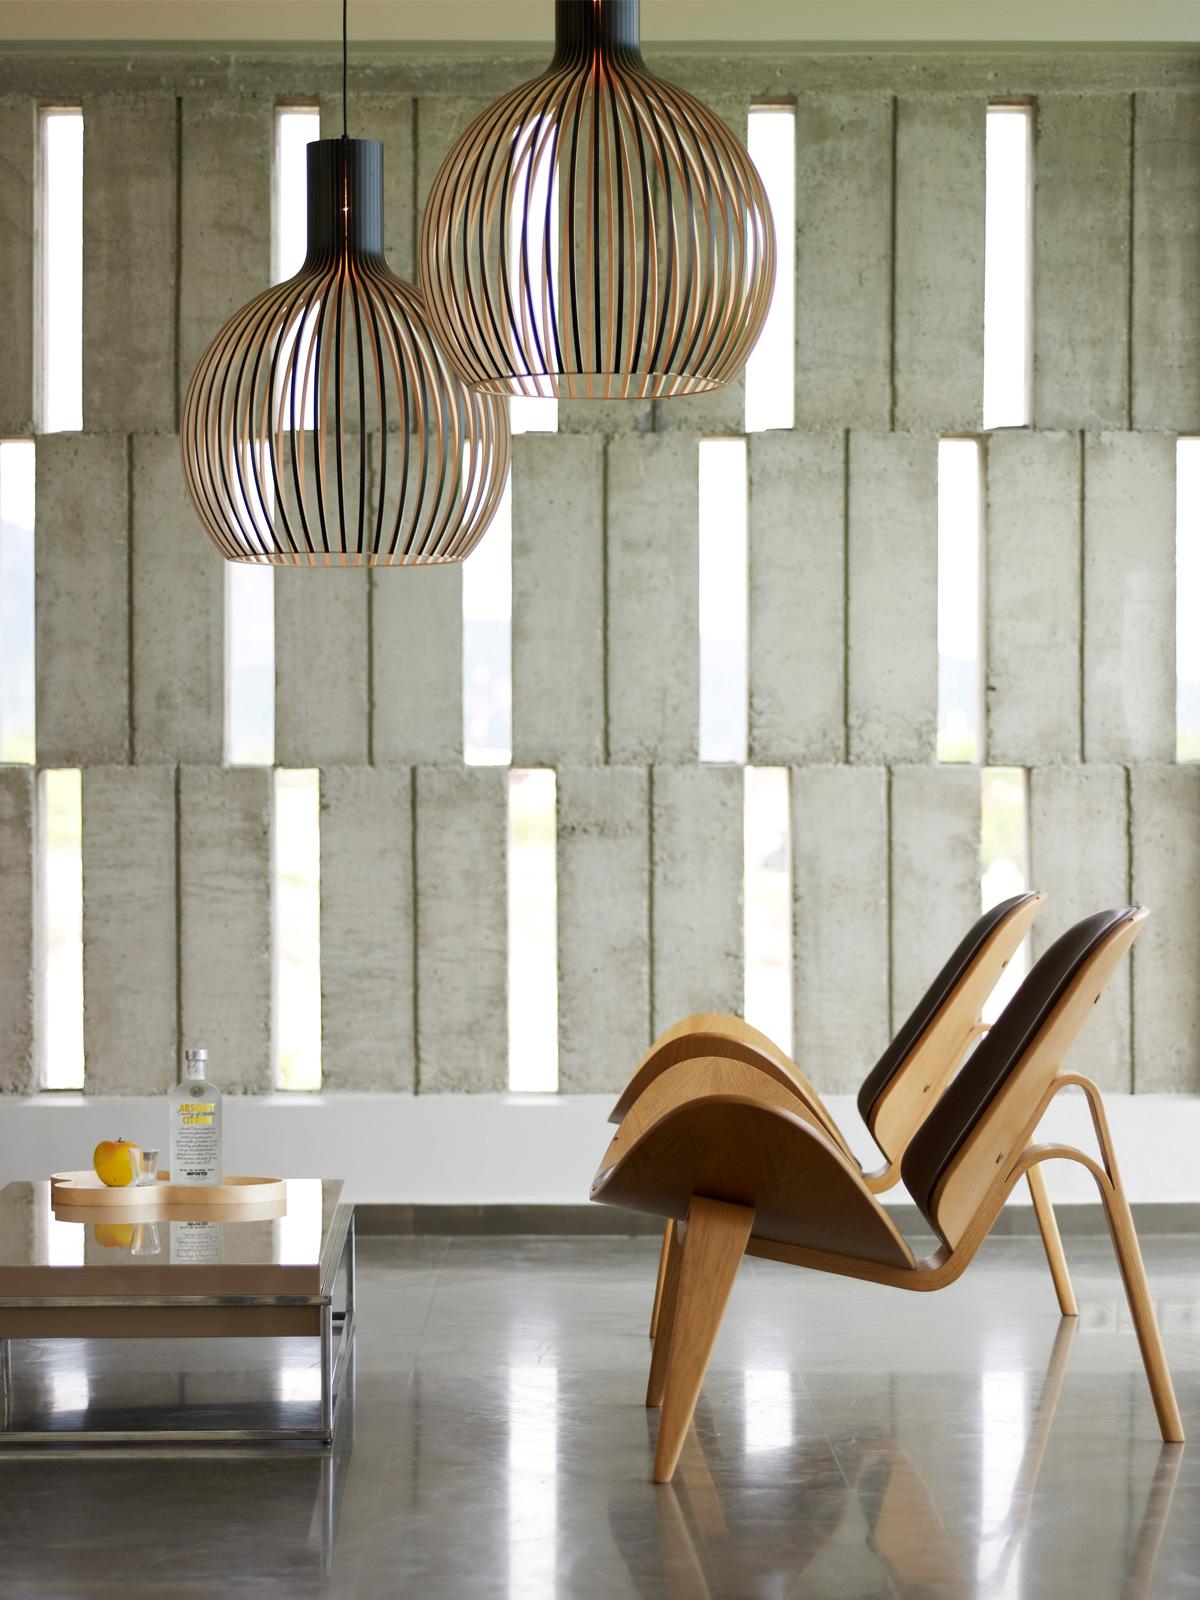 DesignOrt Lampen Blog Secto Octo 4240 Zwiebellampe aus nachhaltiger Forstwirtschaft